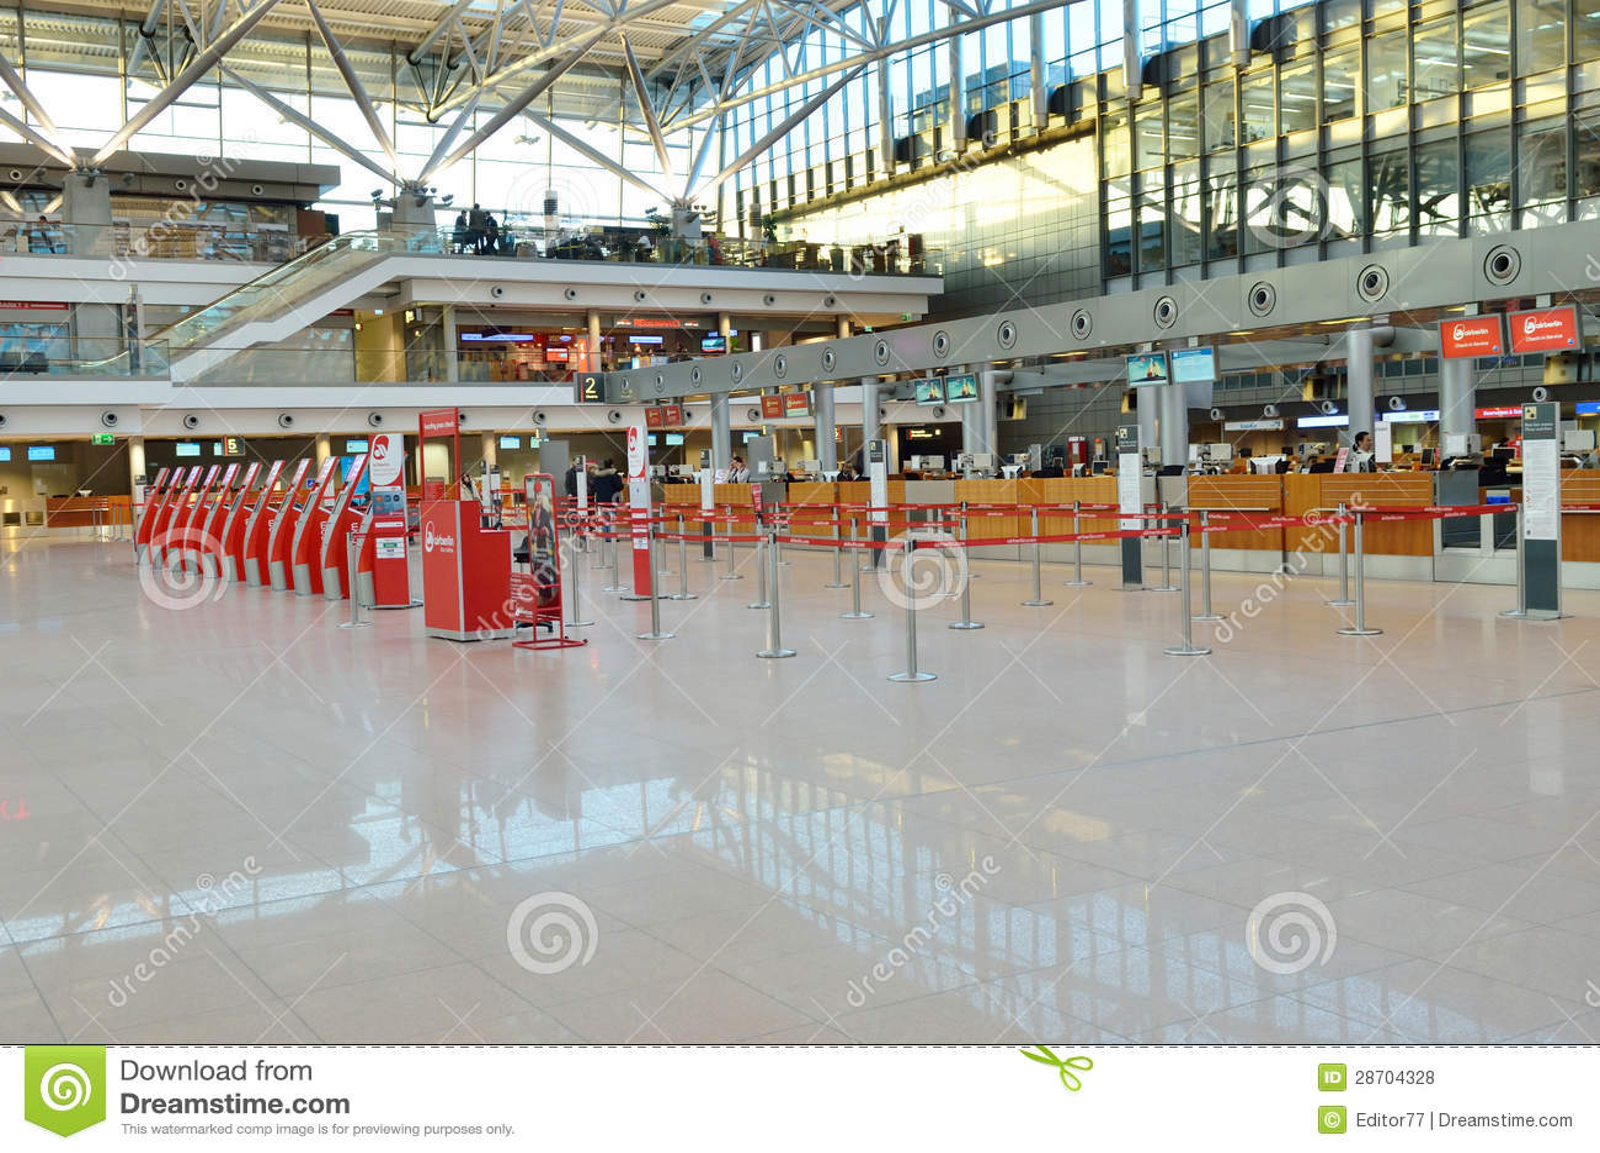 Aeroporto Germania : Ufficio di biglietti all aeroporto hamburg